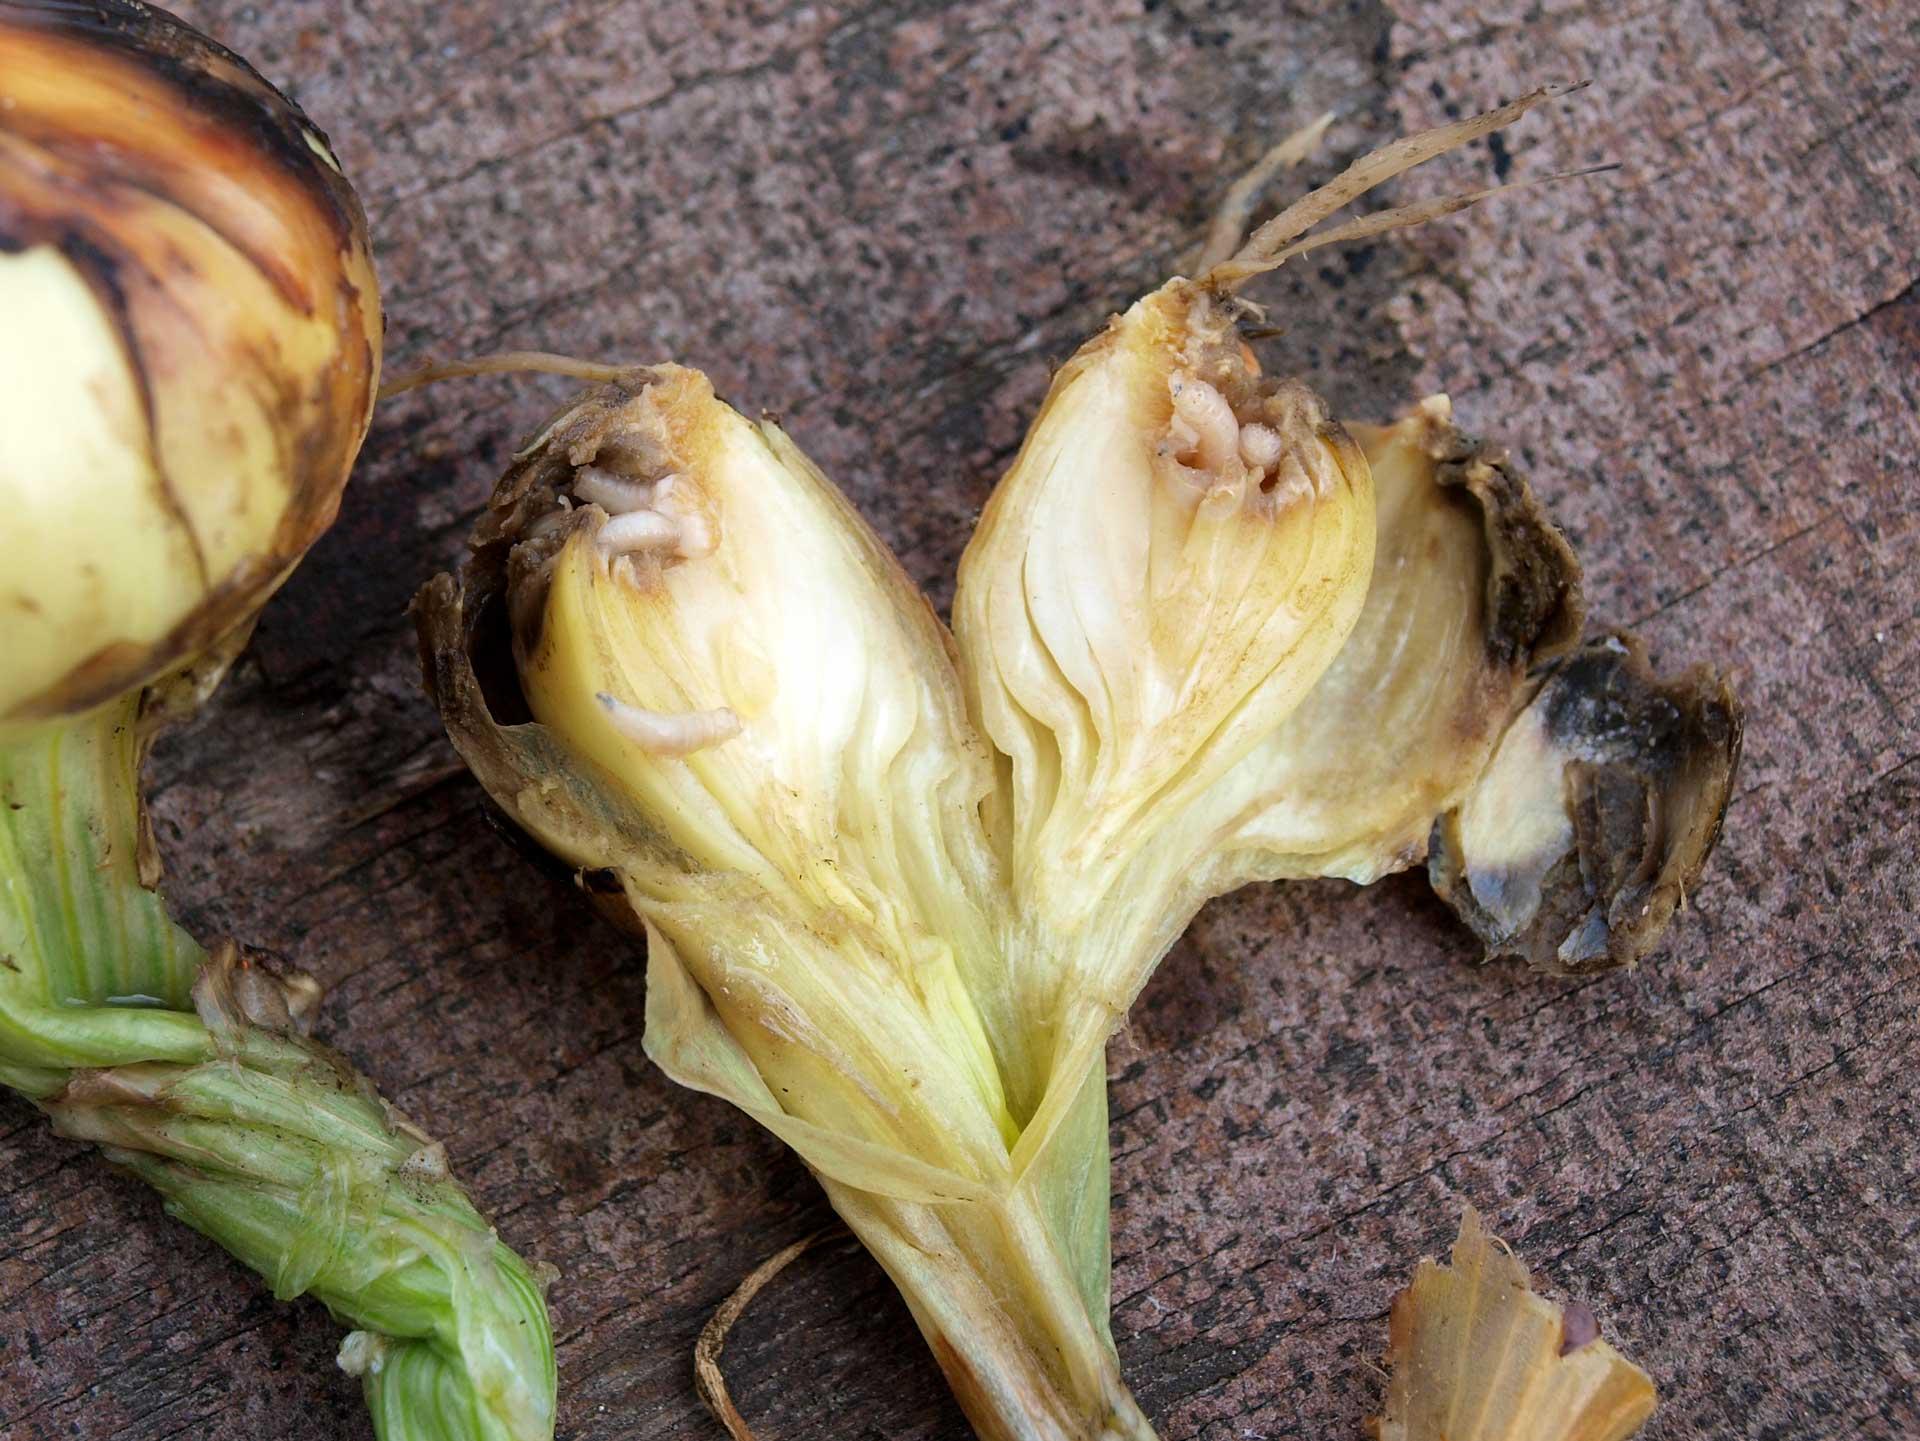 Foto: Sorghetta con rizoma carnoso